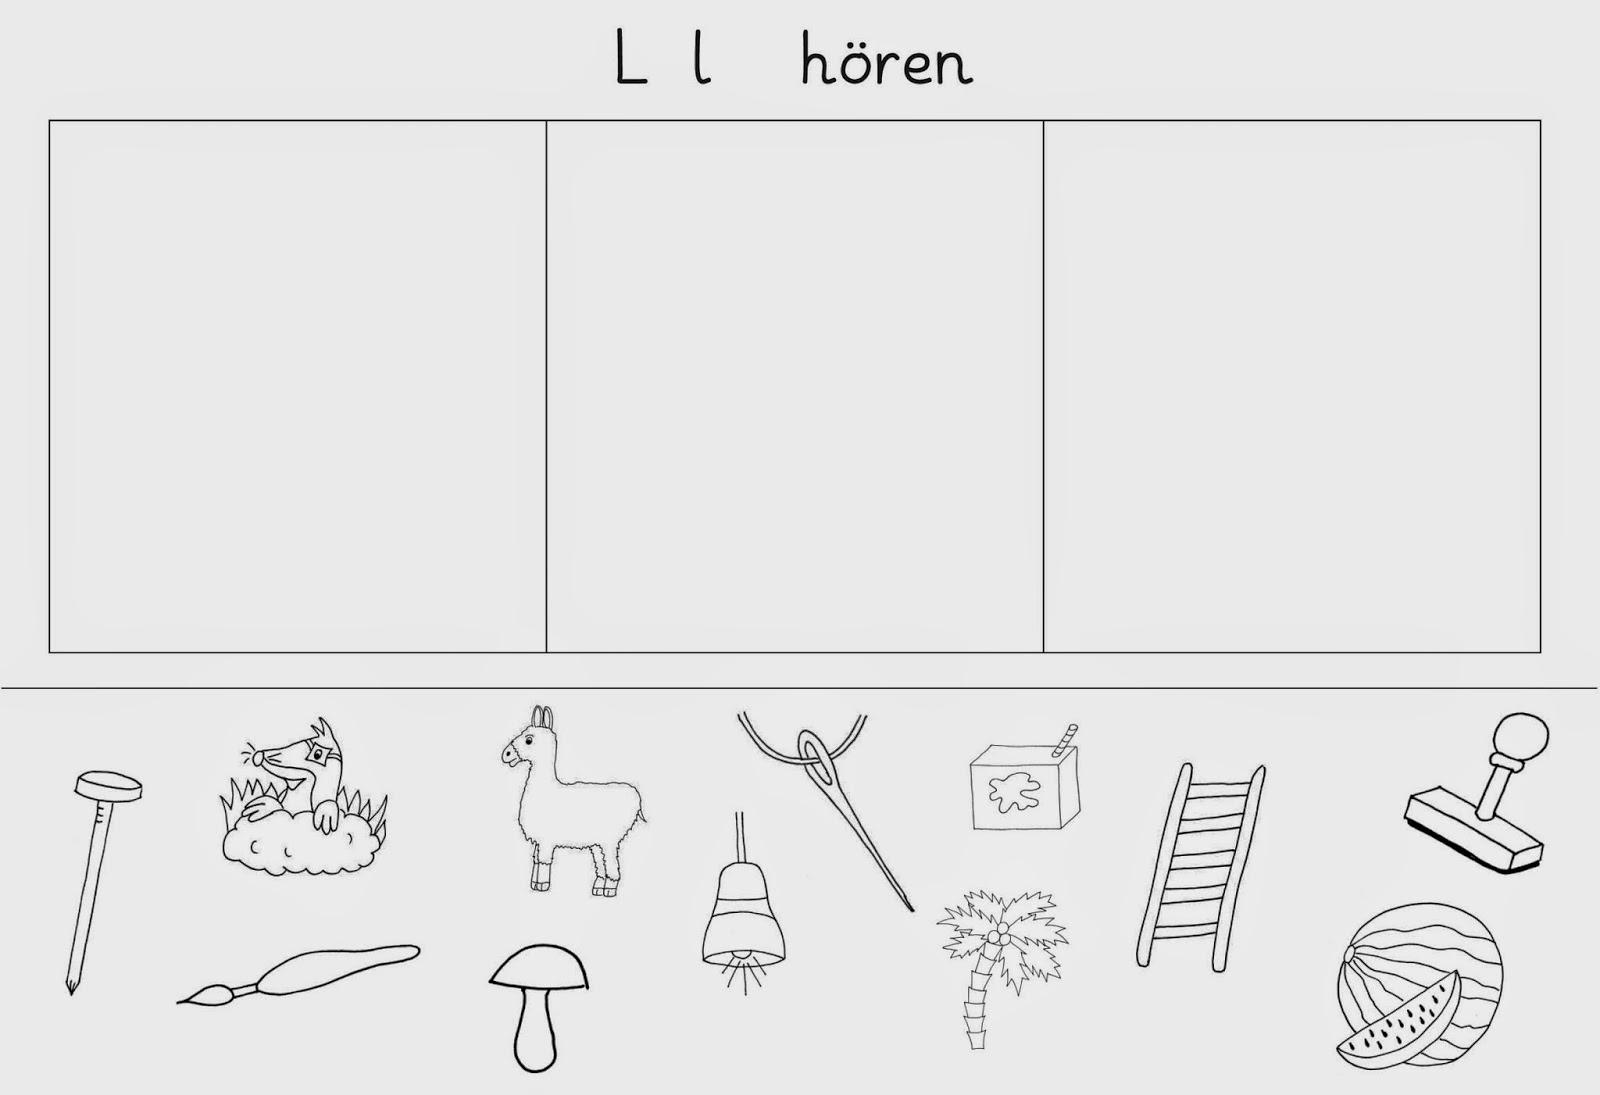 Lernstübchen: drei Arbeitsblätter zum L - l